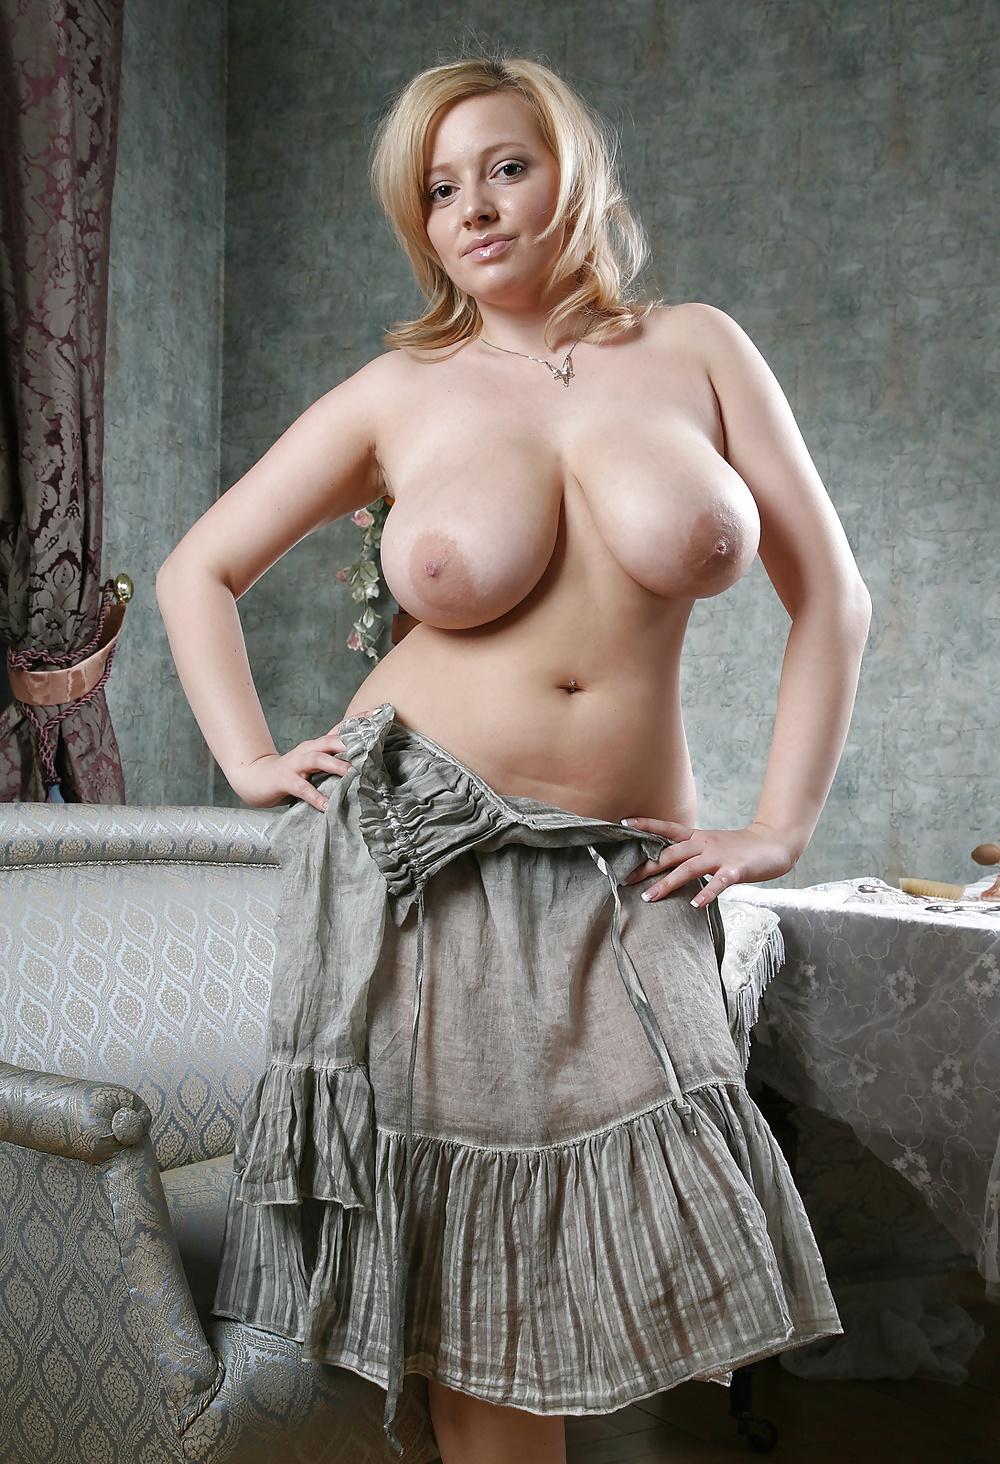 Казашка большие сиськи в россии фото дам